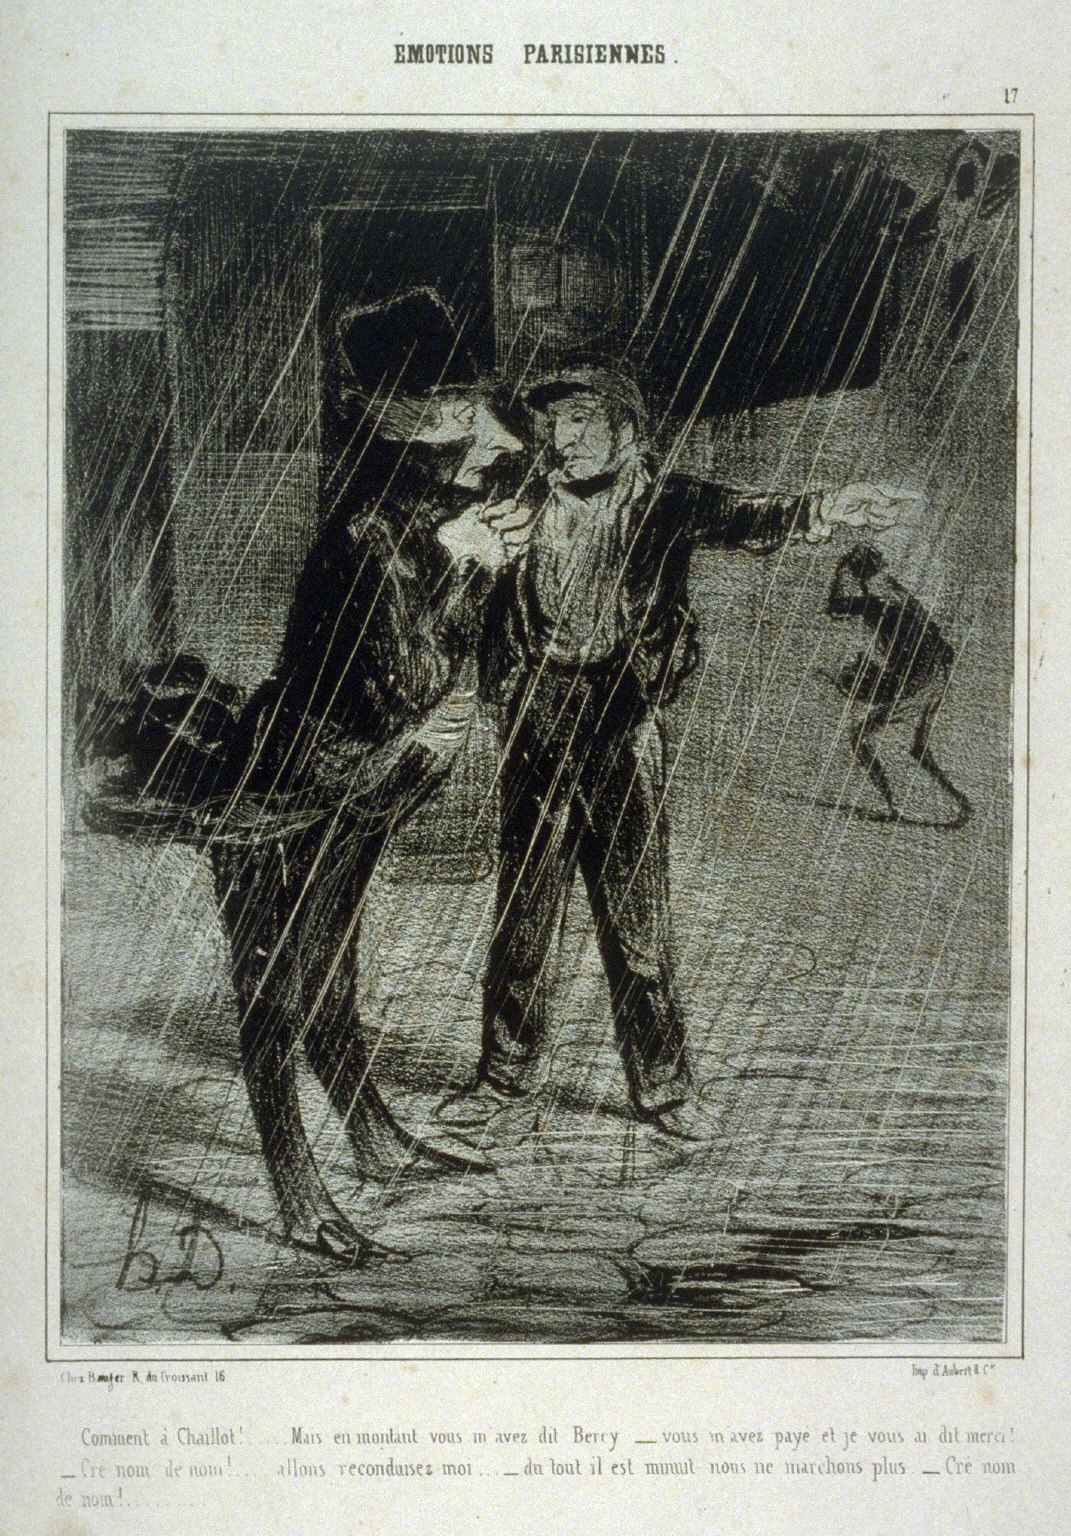 Comment à Chaillot!.....Mais en montant vous mavez dit Bercyvous mavez payé et je vous dit merci!.../Cré nom de nom!....allons reconduisez-moi...du tout il est minuit nous ne marchons plus.Cré nom/ de nom!...., no. 17 from the series ÉMOTIONS PARISIENNES., published in Le Charivari 24 December 1839